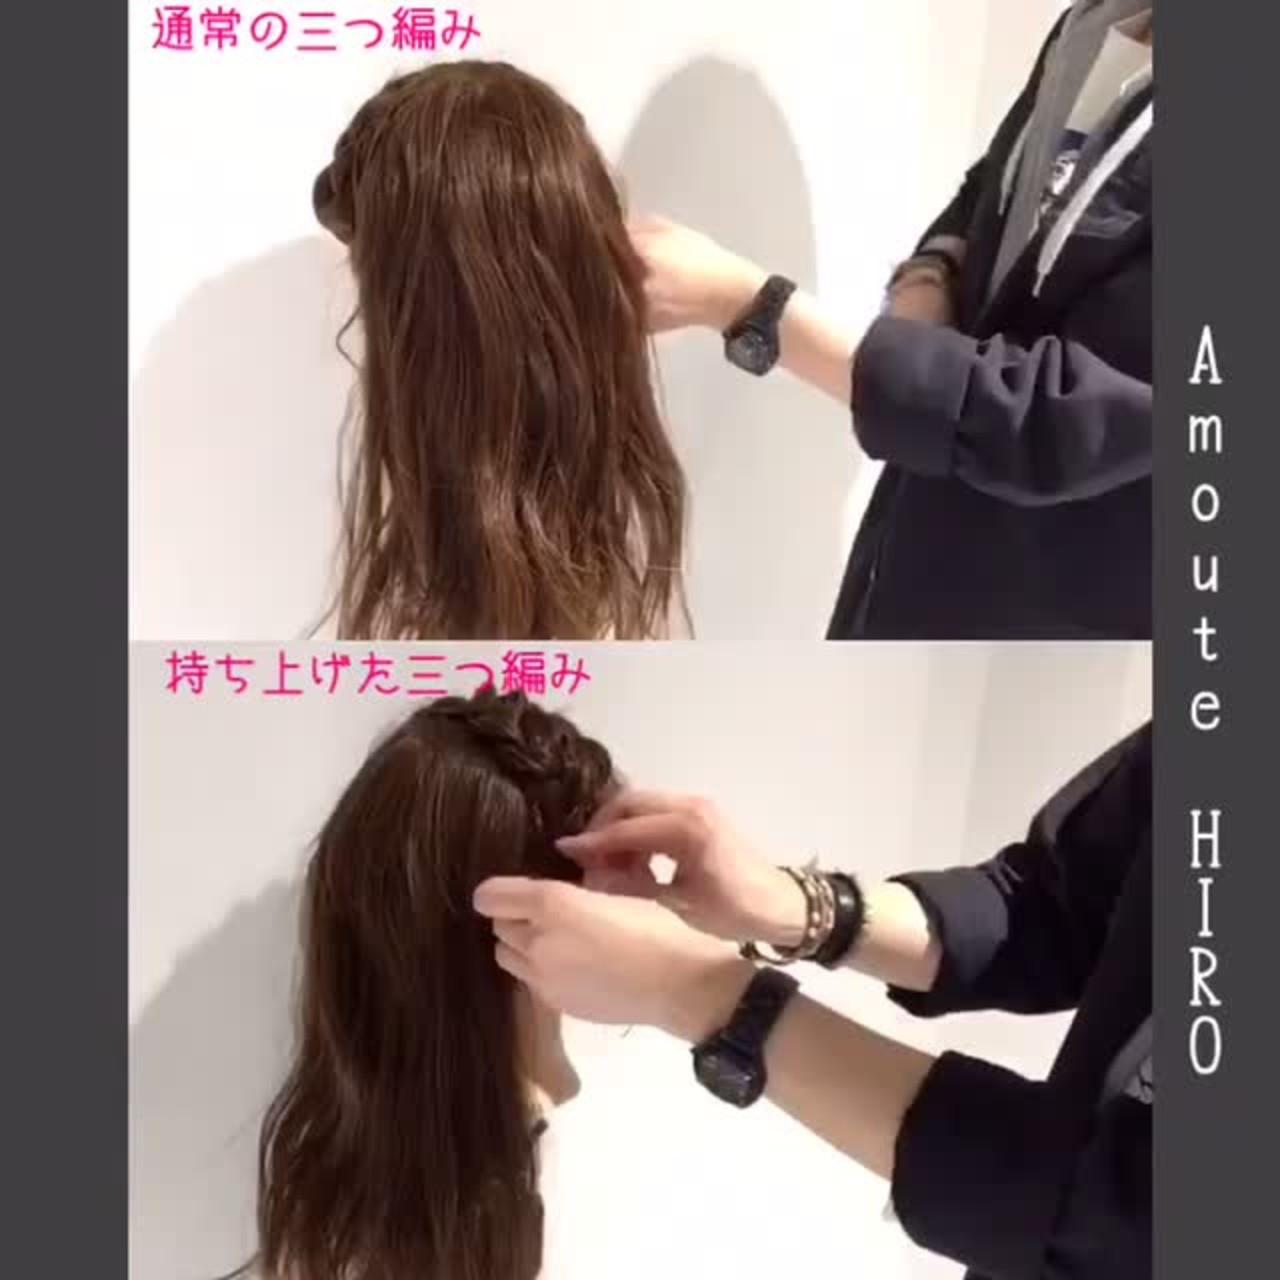 きれいに見せる三つ編みカチューシャのコツ♡ 美容師 HIRO